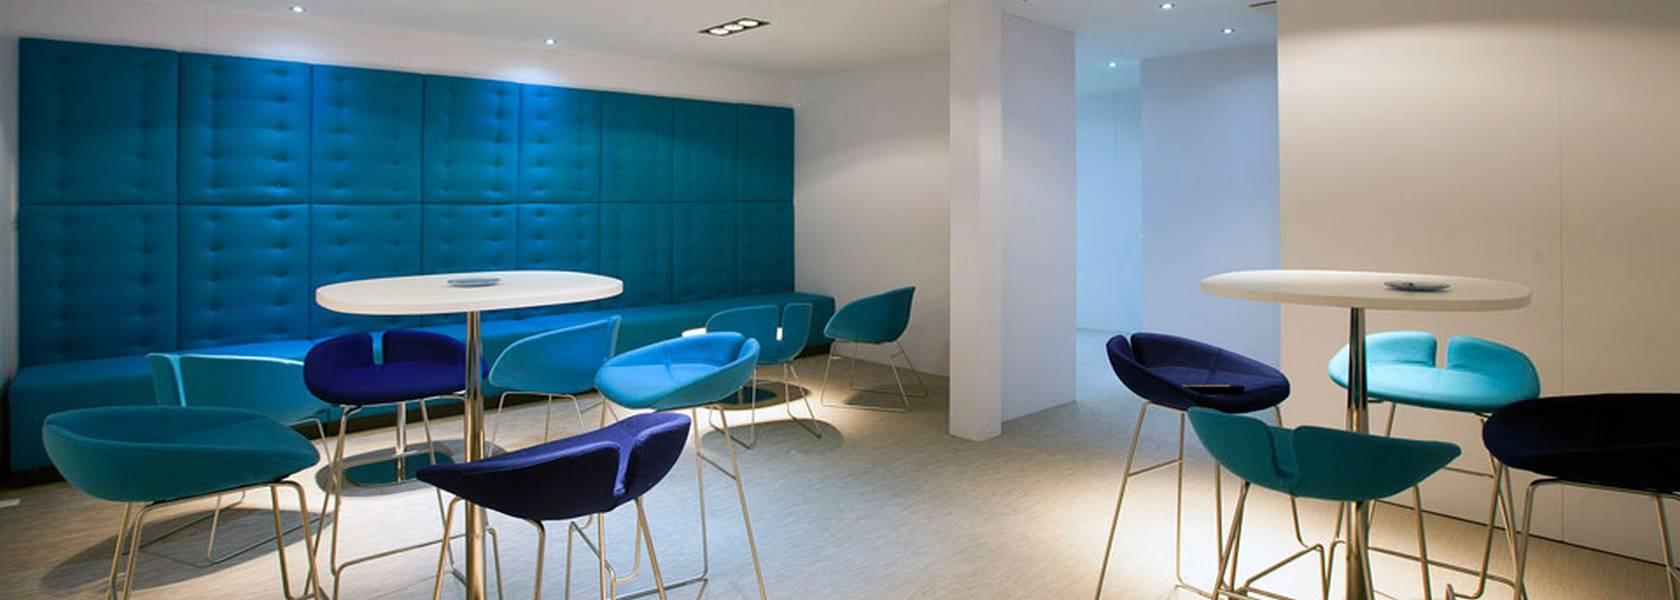 Location mobilier evenementiel louer meuble design contemporain silvera - Location mobilier de bureau ...